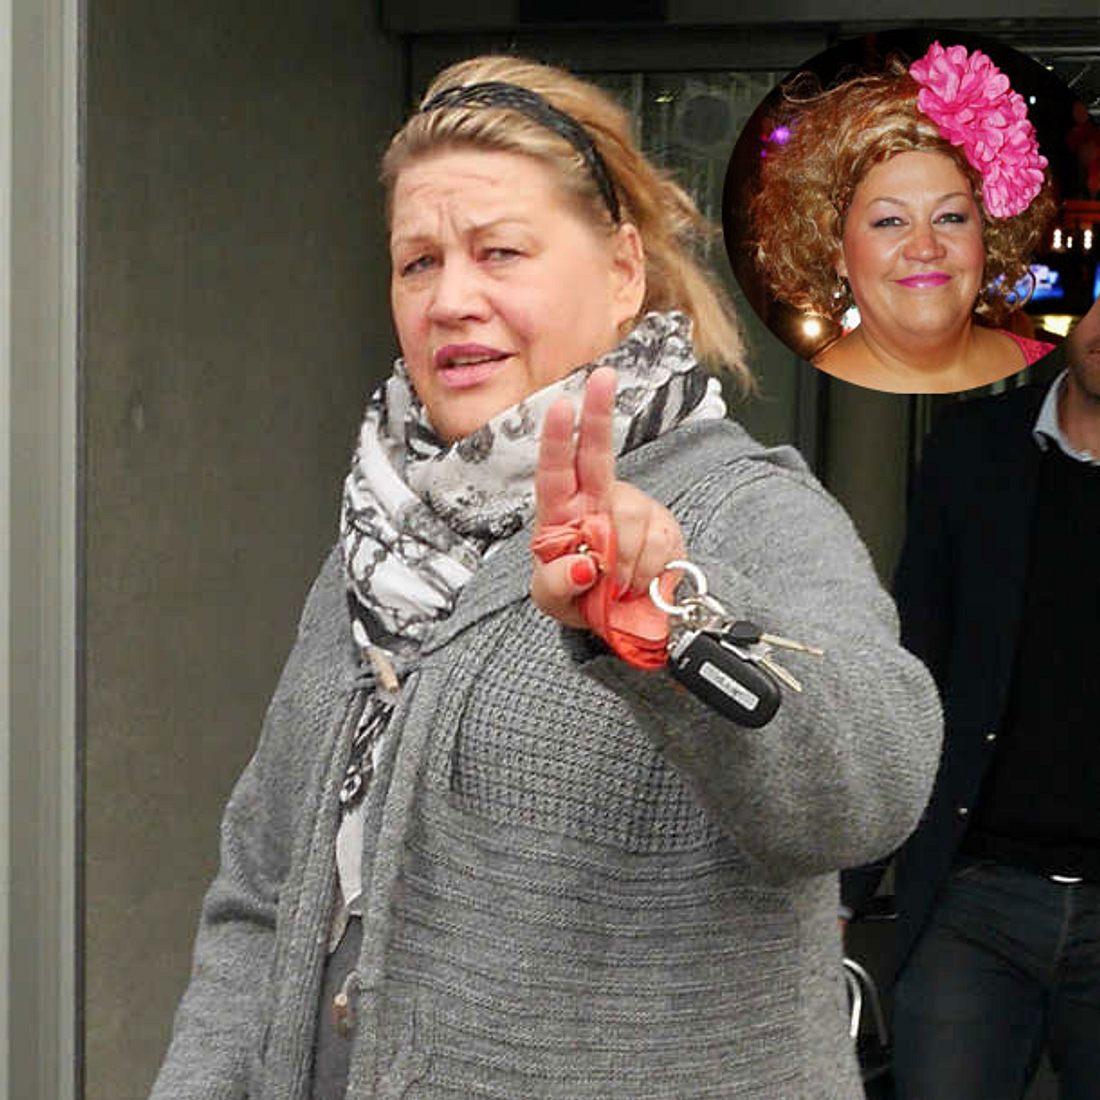 Ilka Bessin: Darum macht die Frau hinter Cindy aus Marzahn wirklich Schluss!